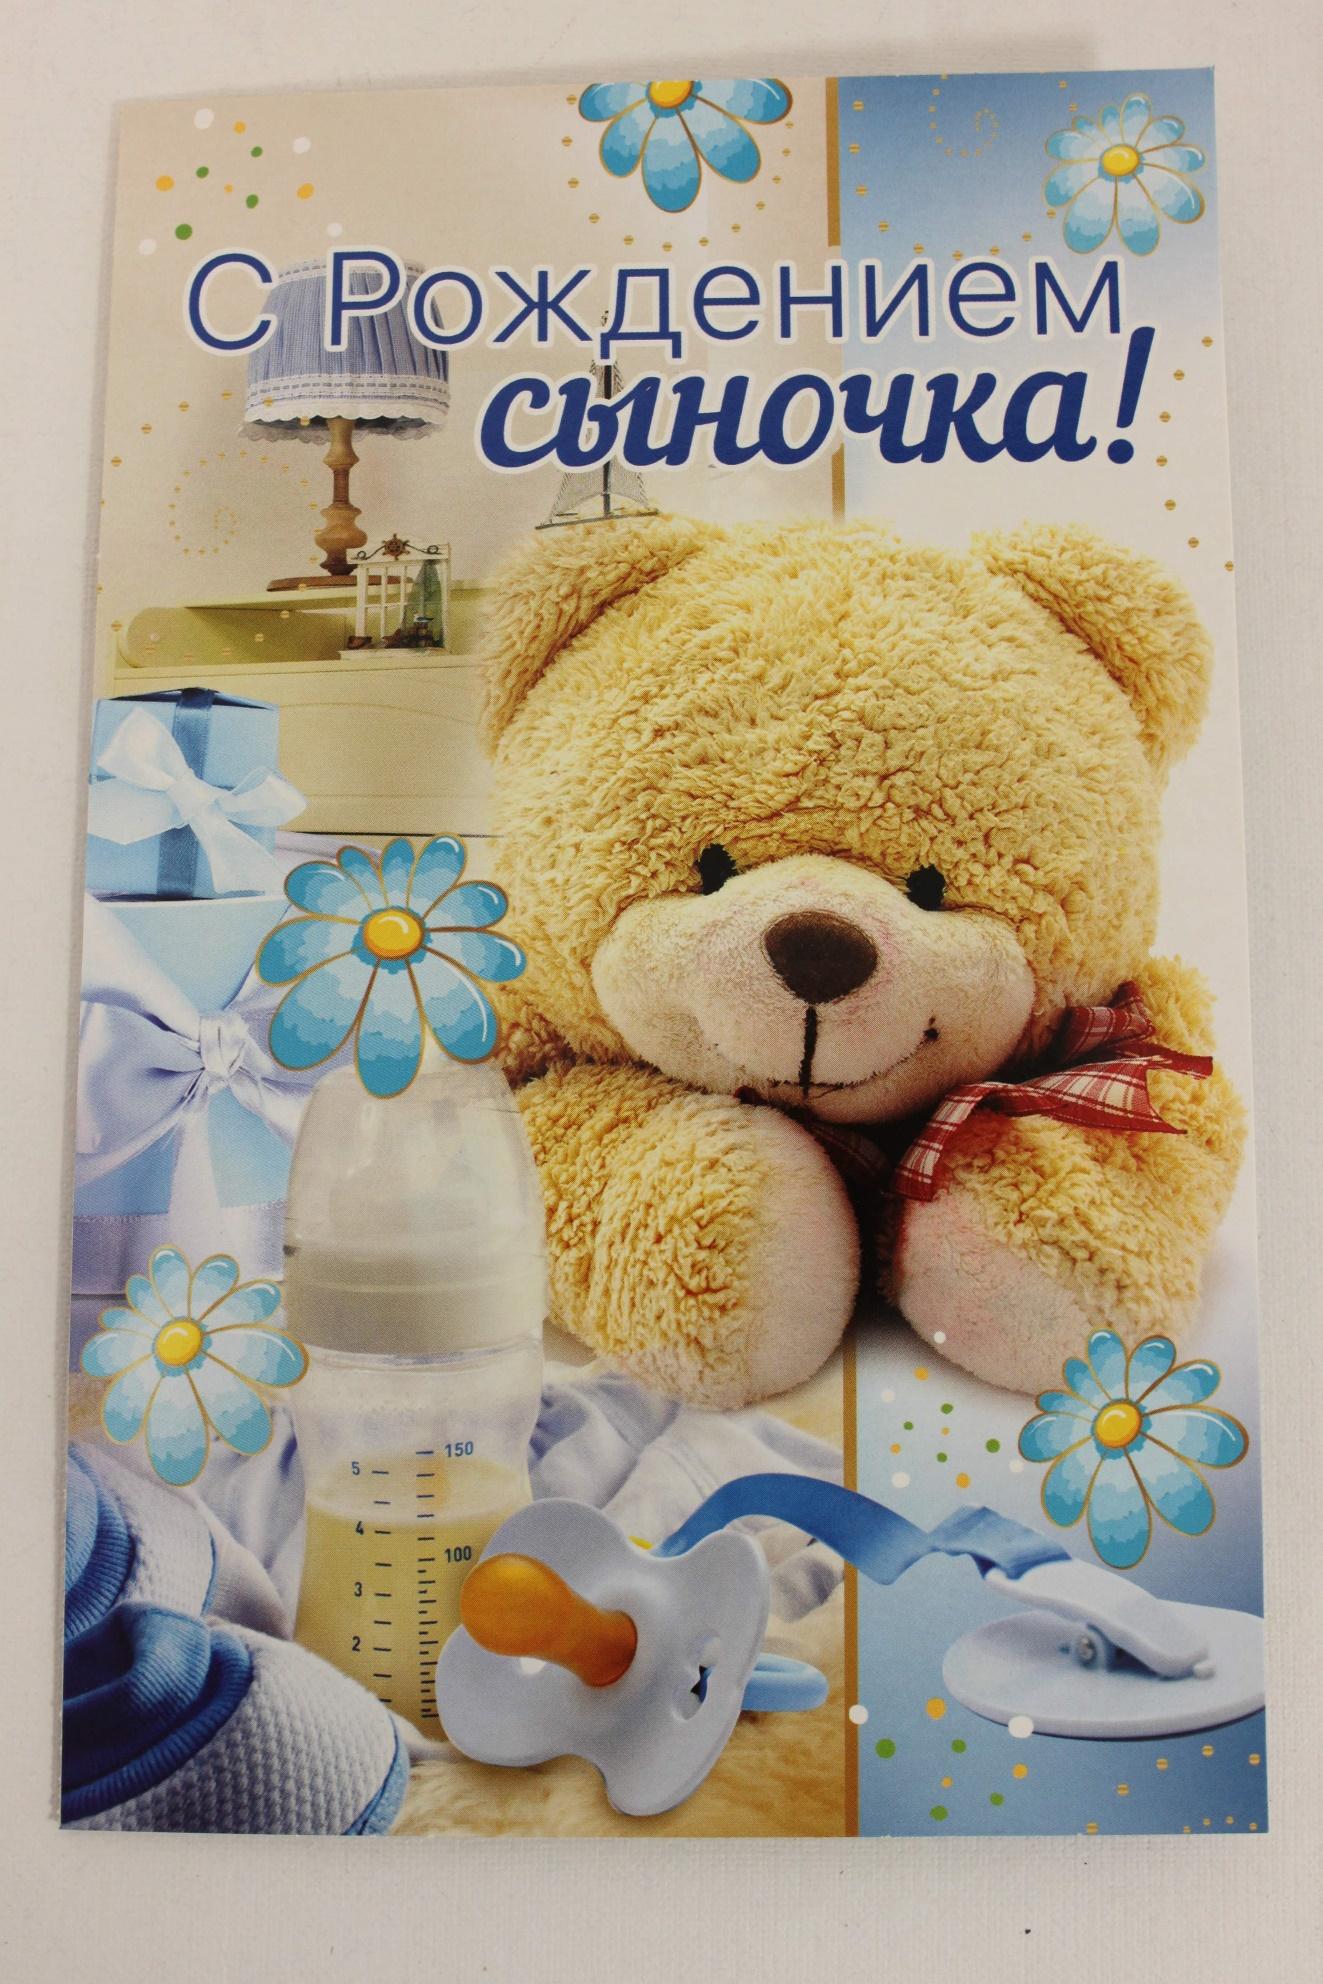 Картинки С днём рождения сына для мамы